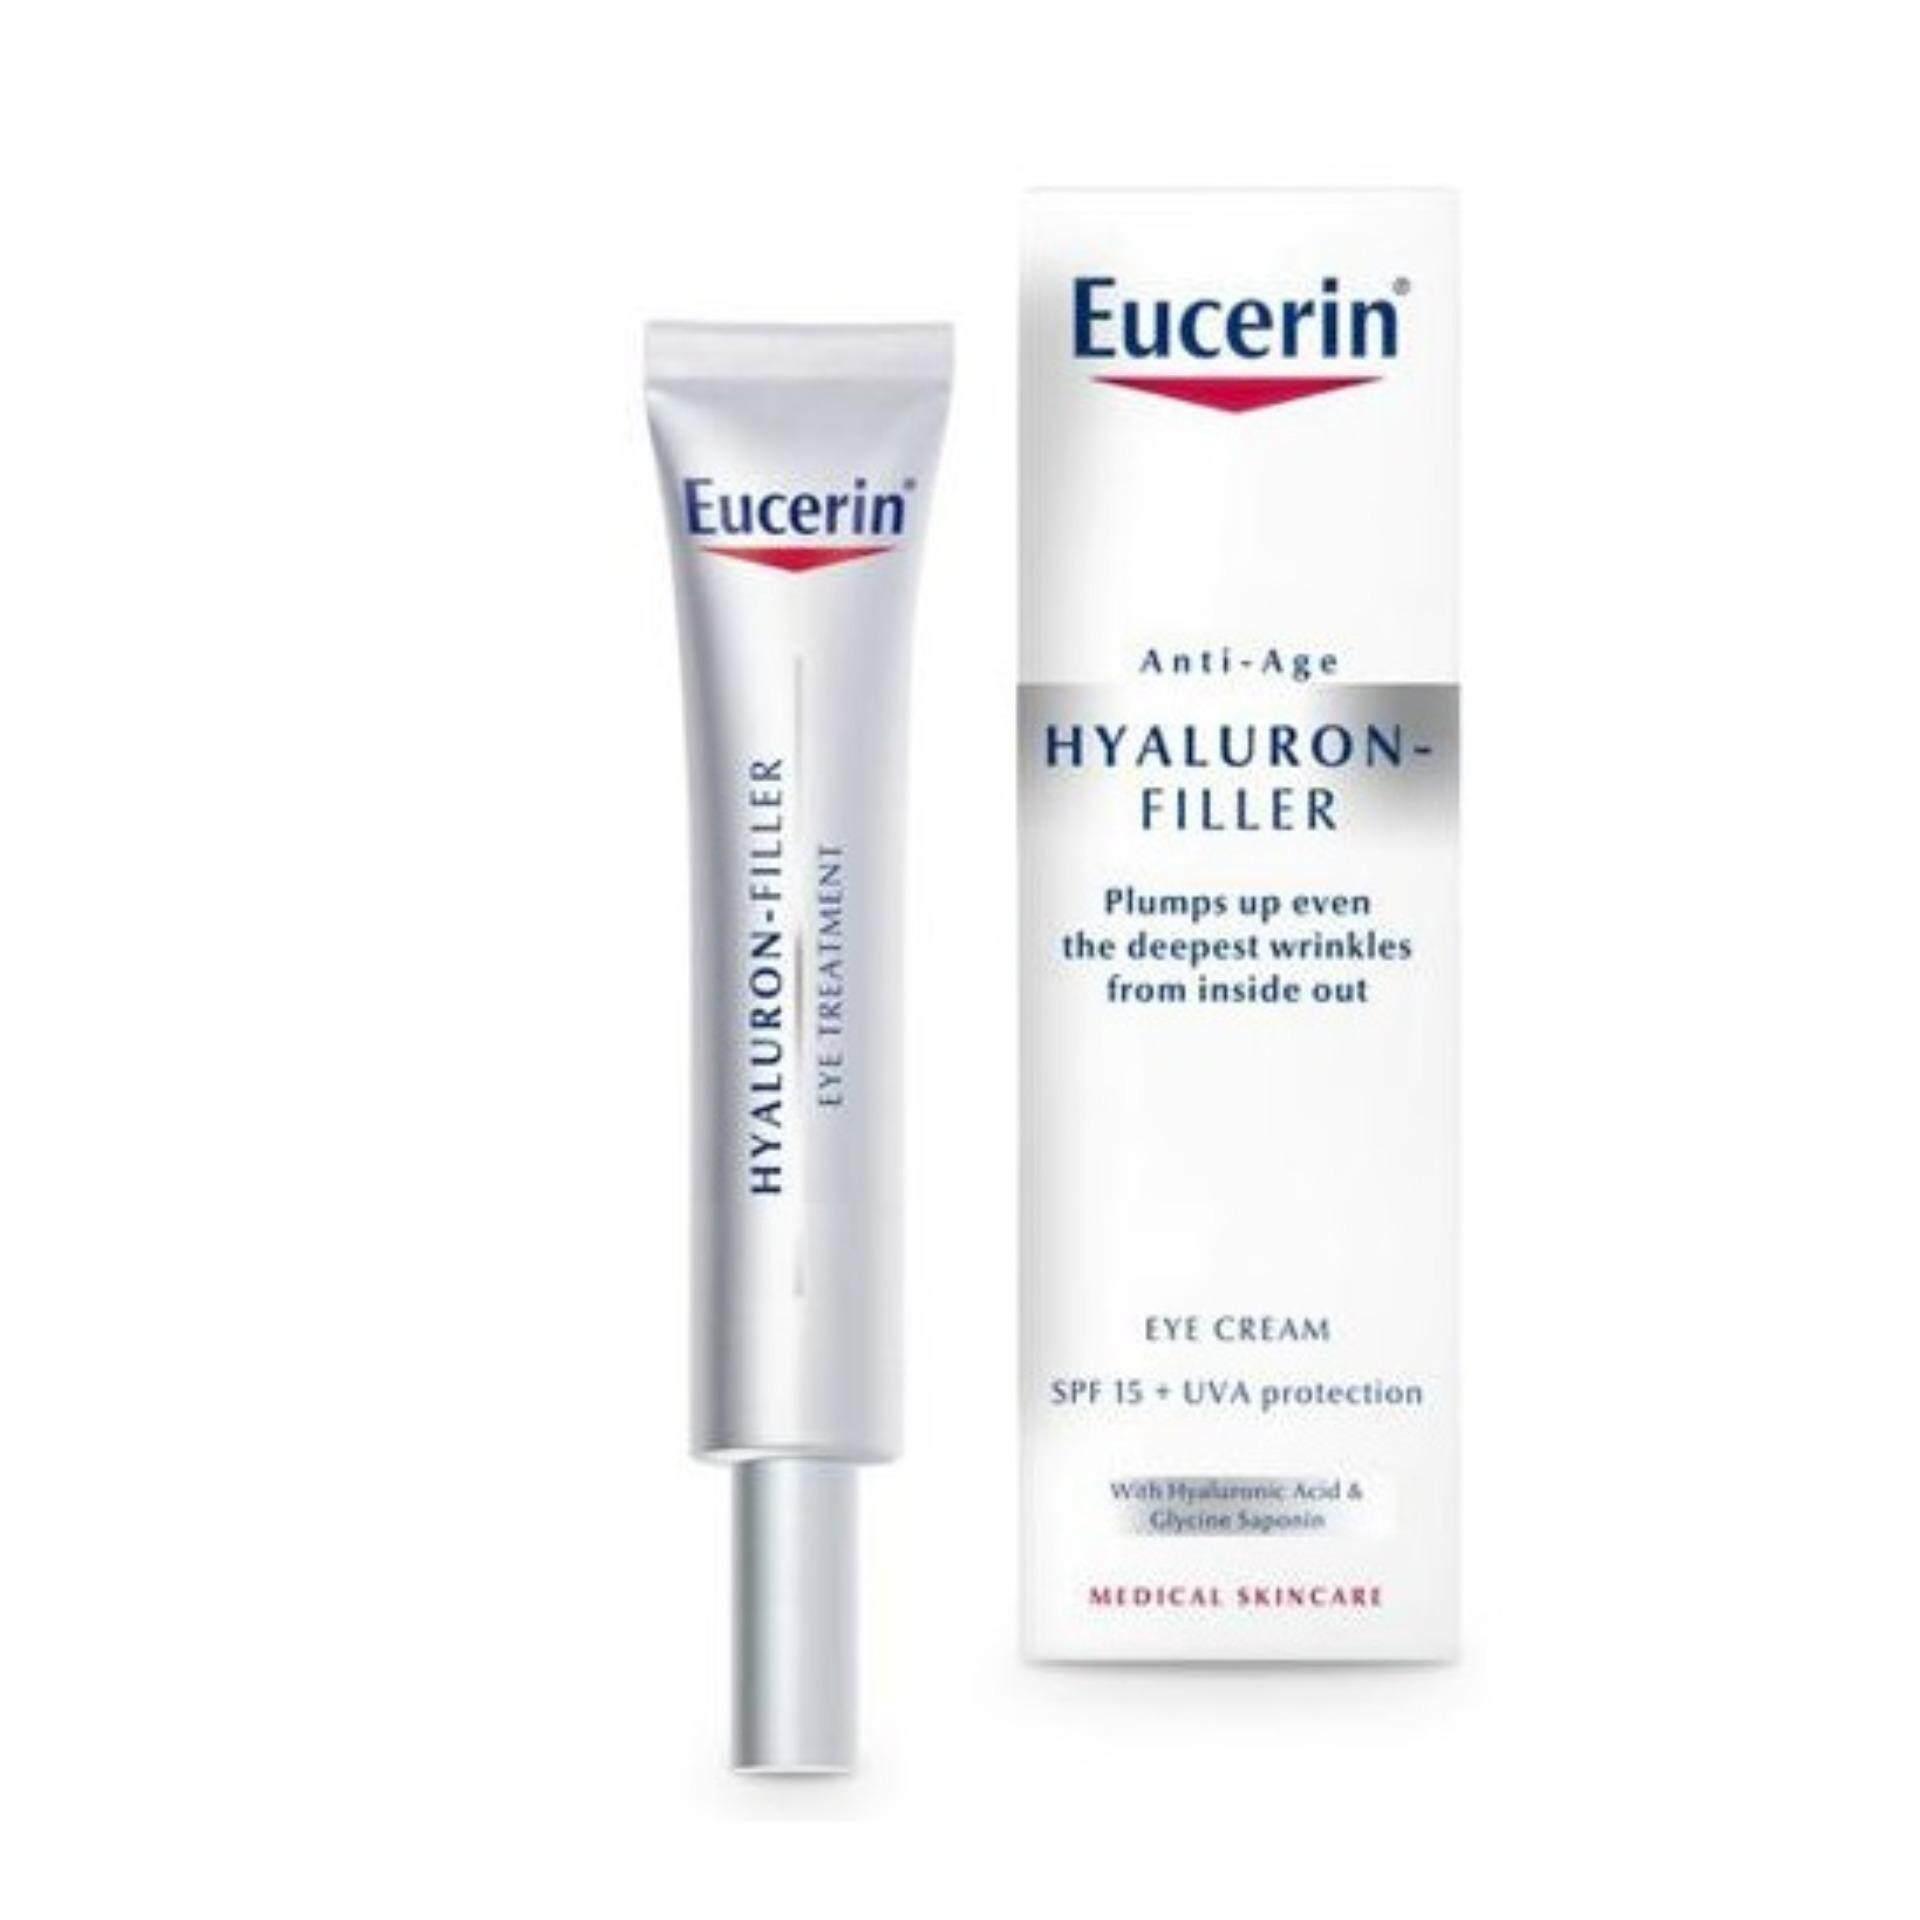 Eucerin Hyaluron Filler Eye Cream 15ml